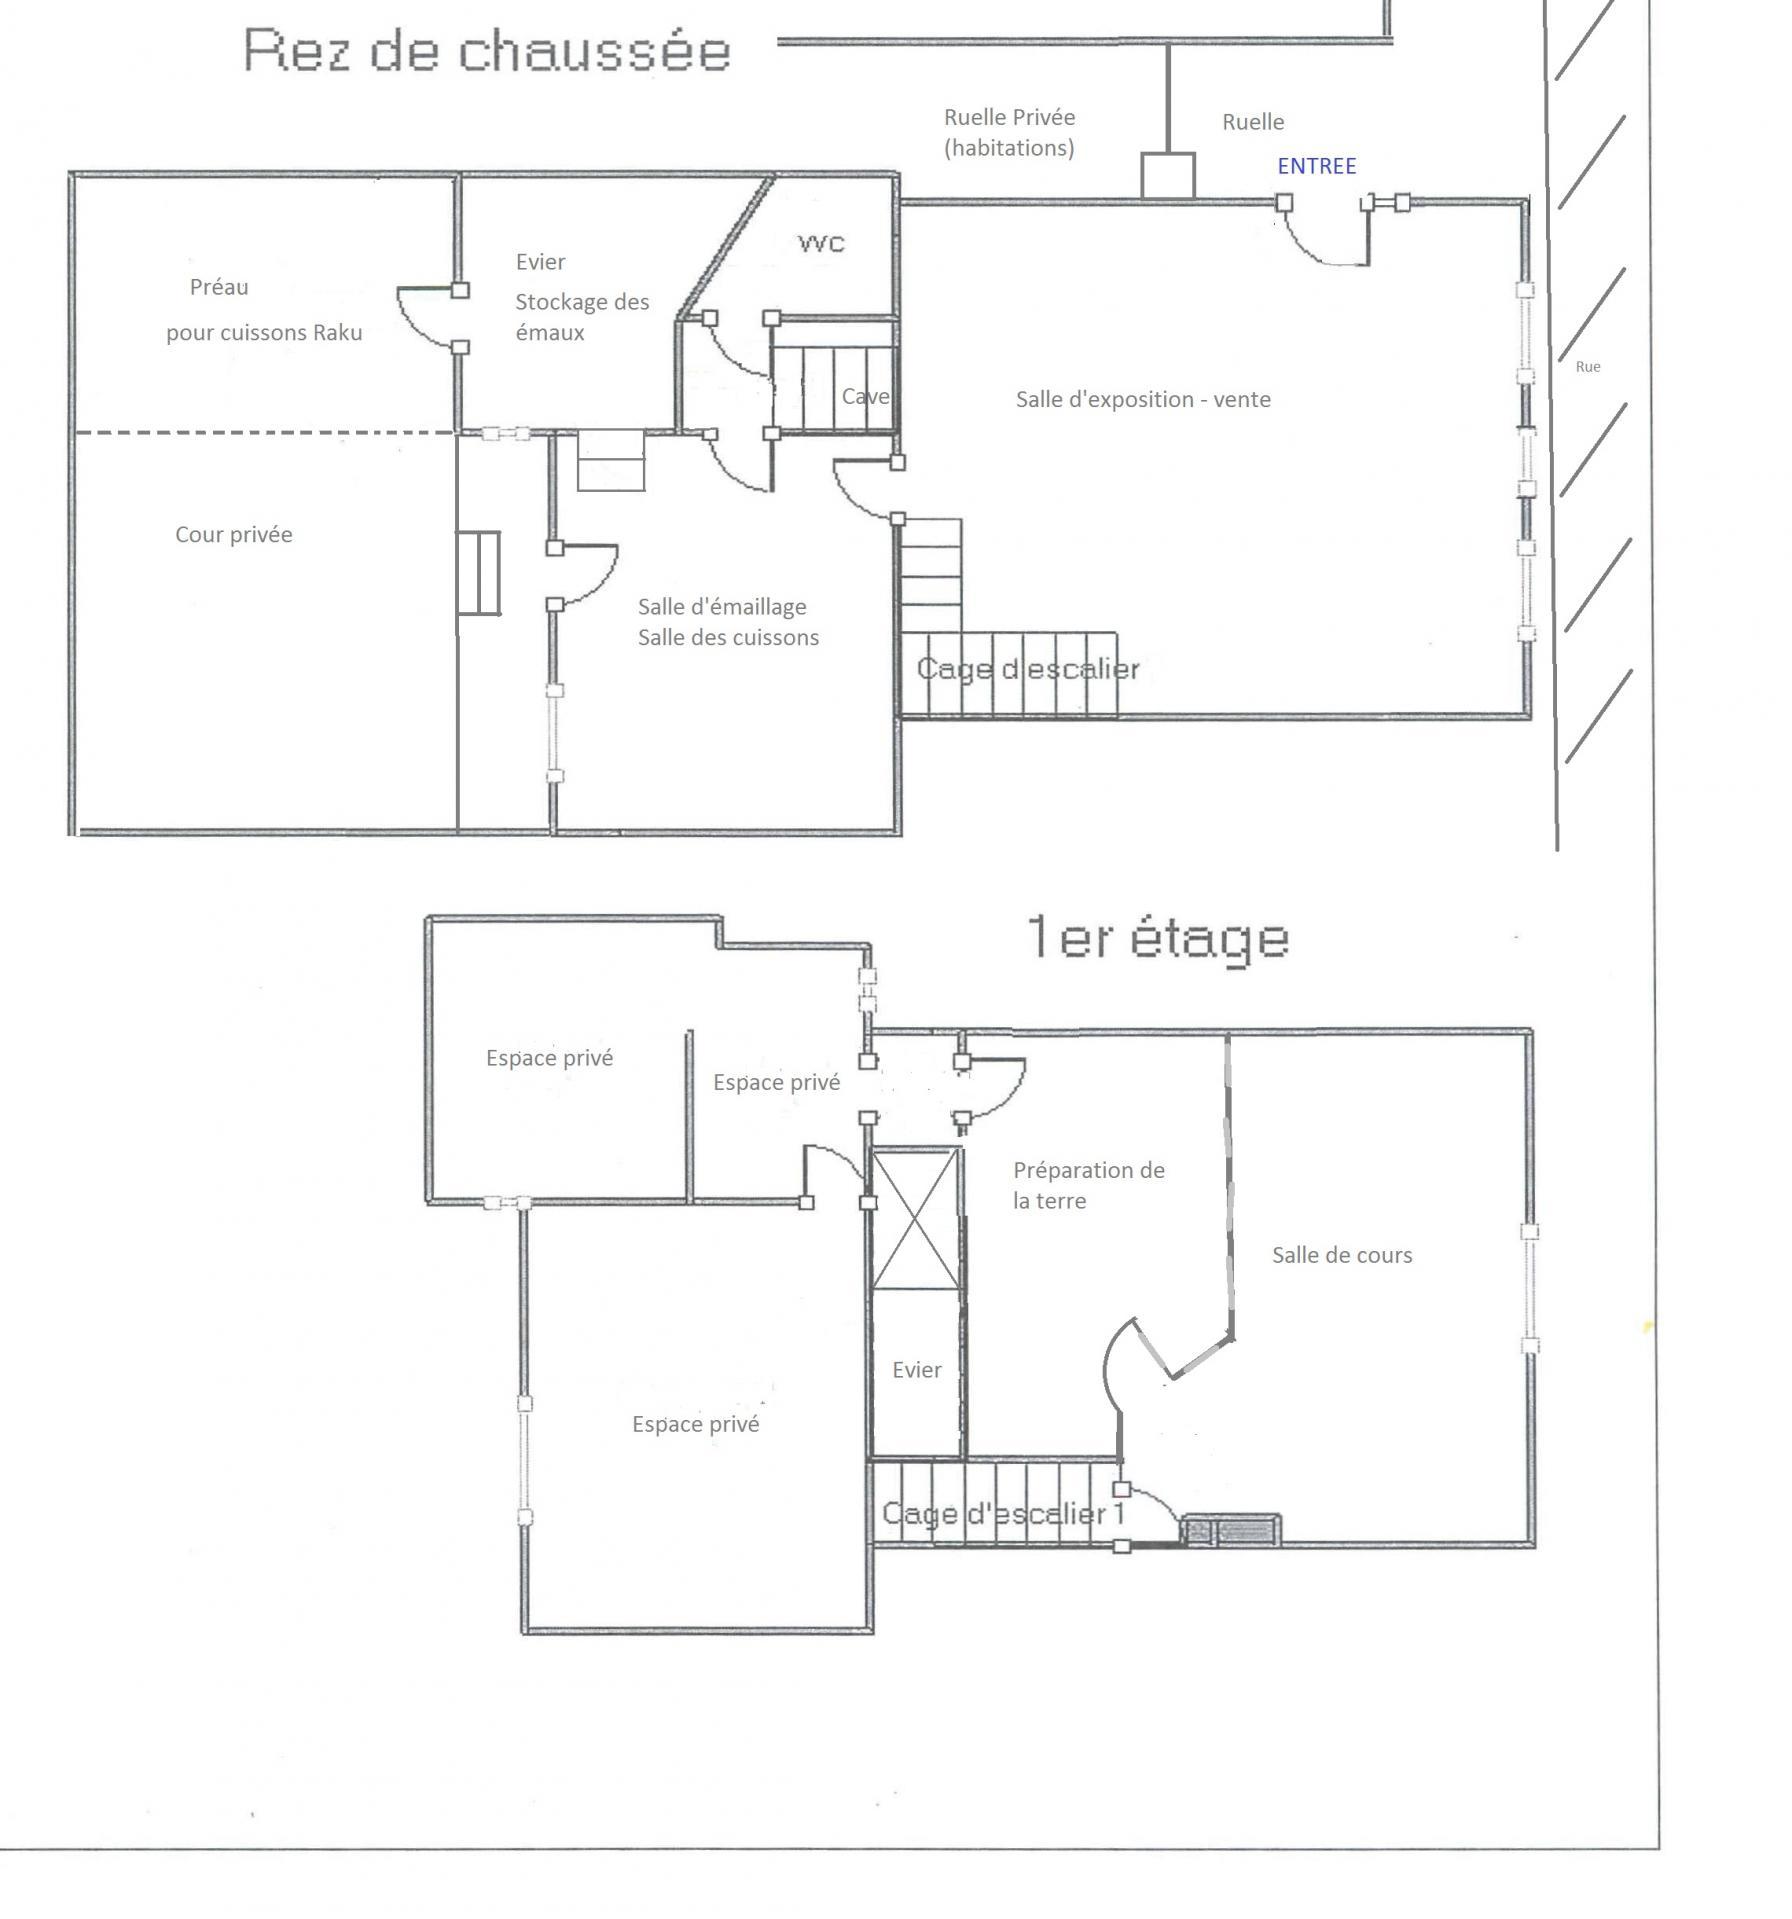 Plans atelier st martin rdc et 1er etage